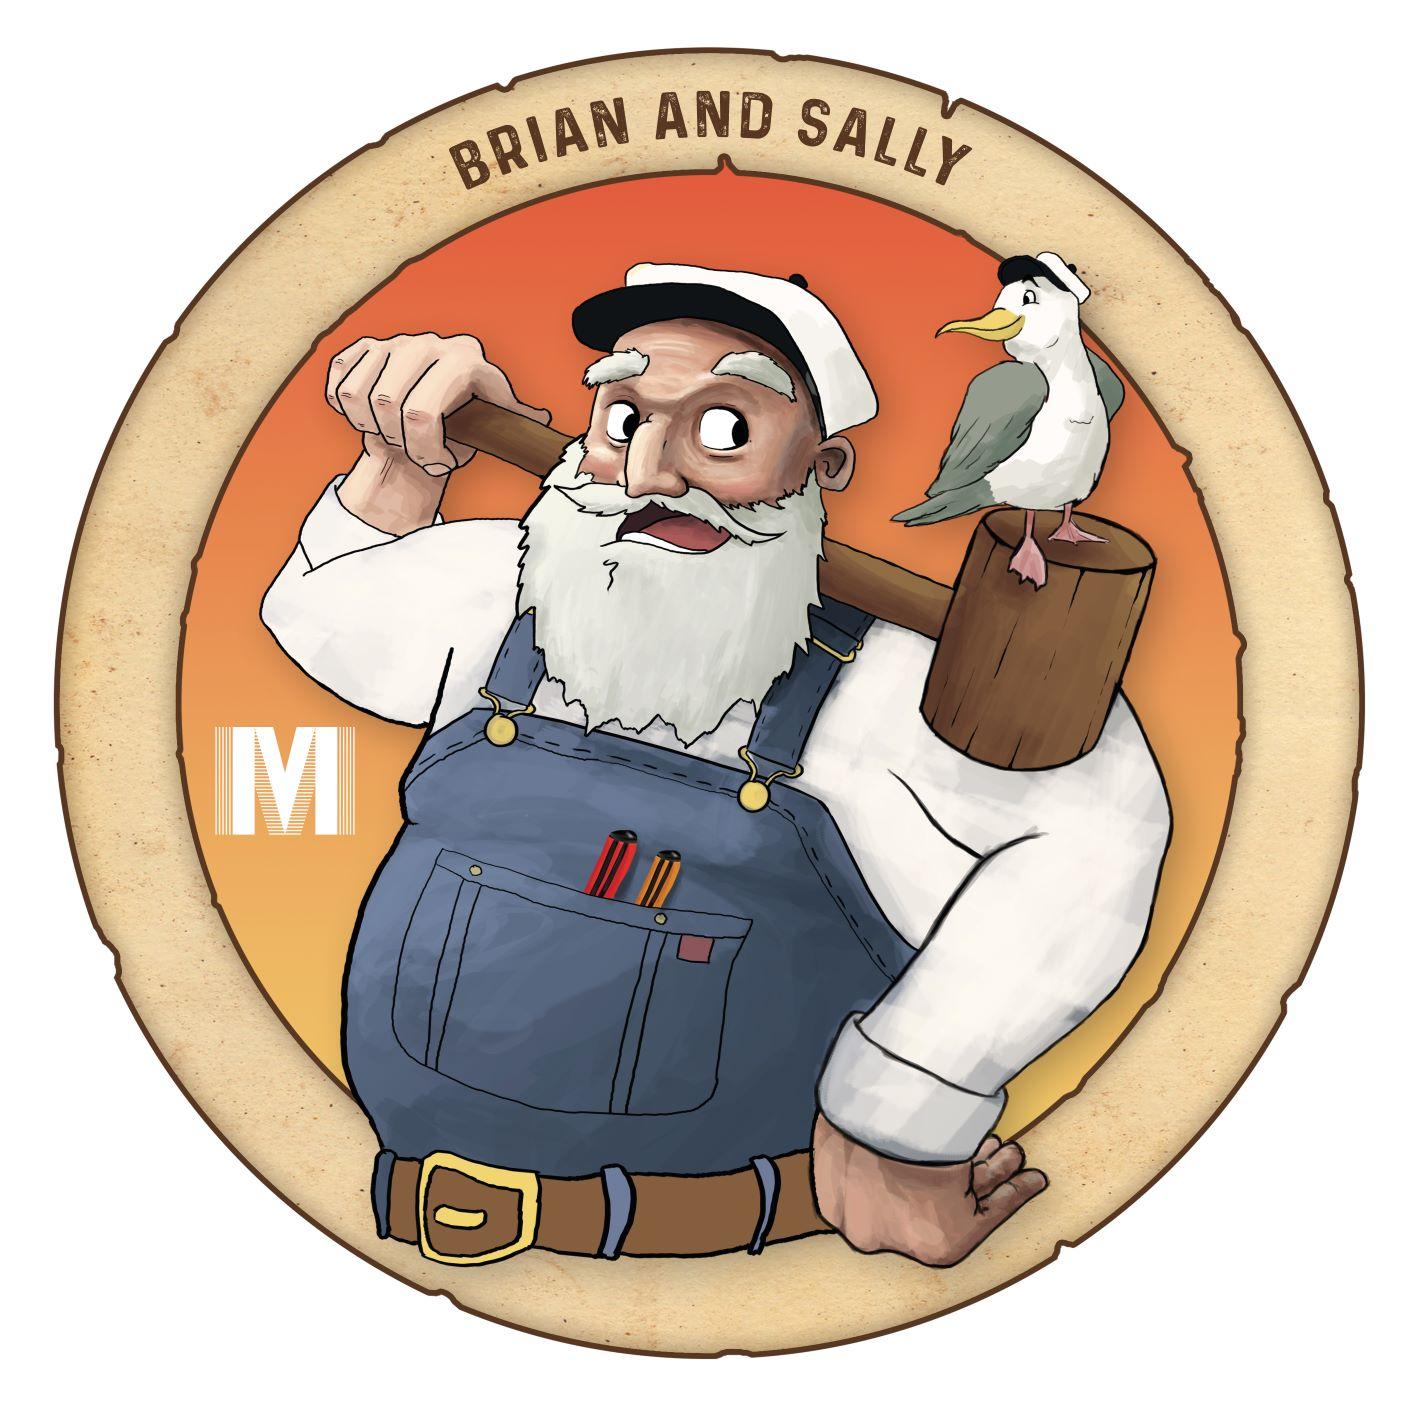 https://rfacdn.nz/maritime/assets/media/brian-and-sally-sticker.jpg